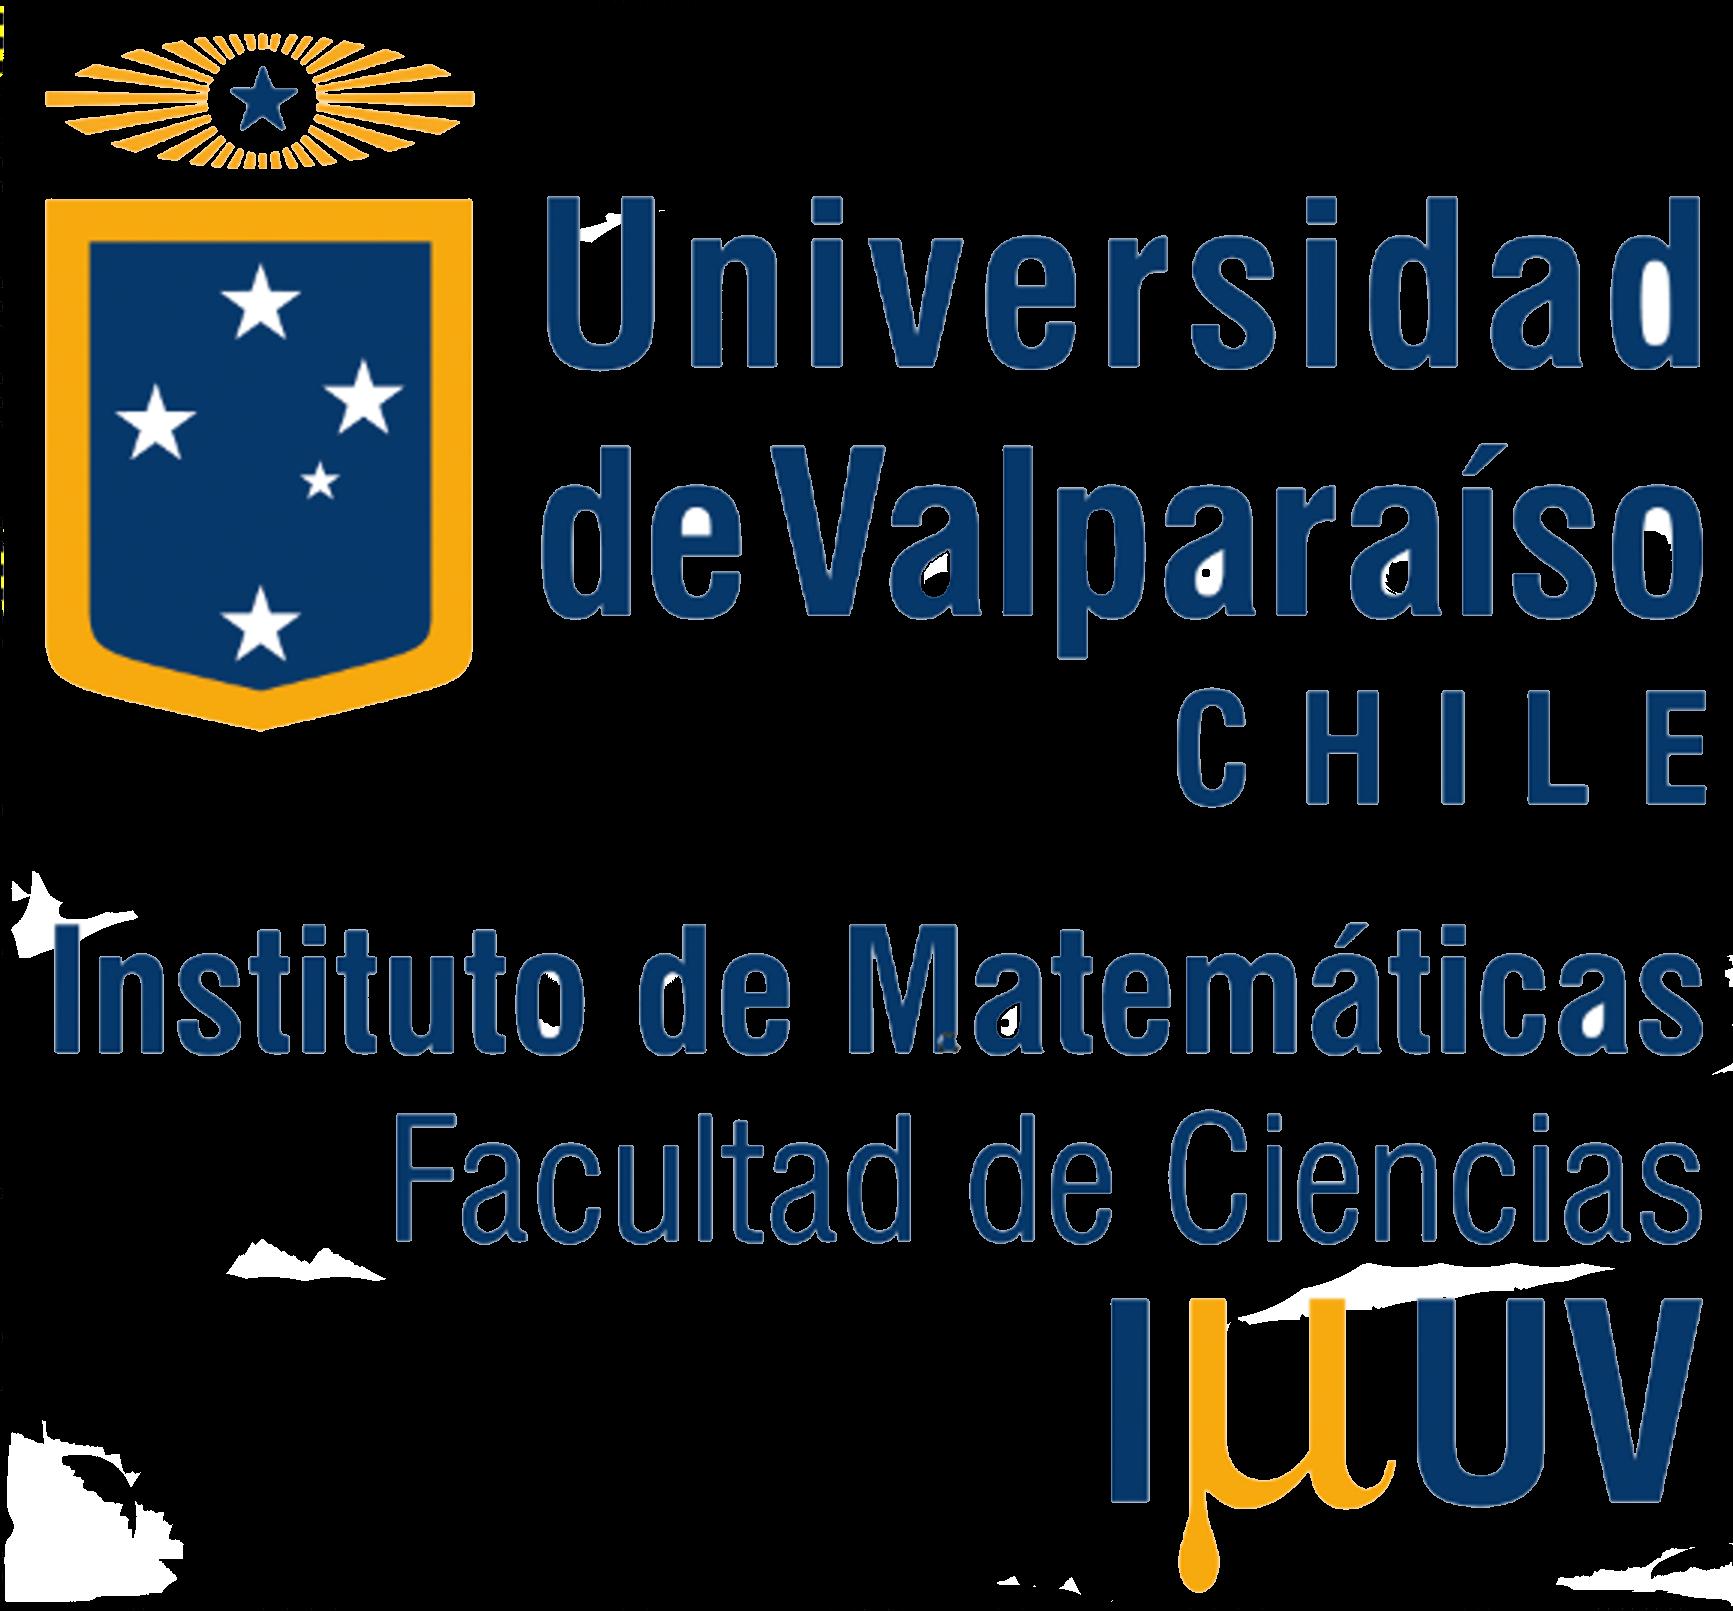 Instituto de Matemáticas de la Universidad de Valparaíso